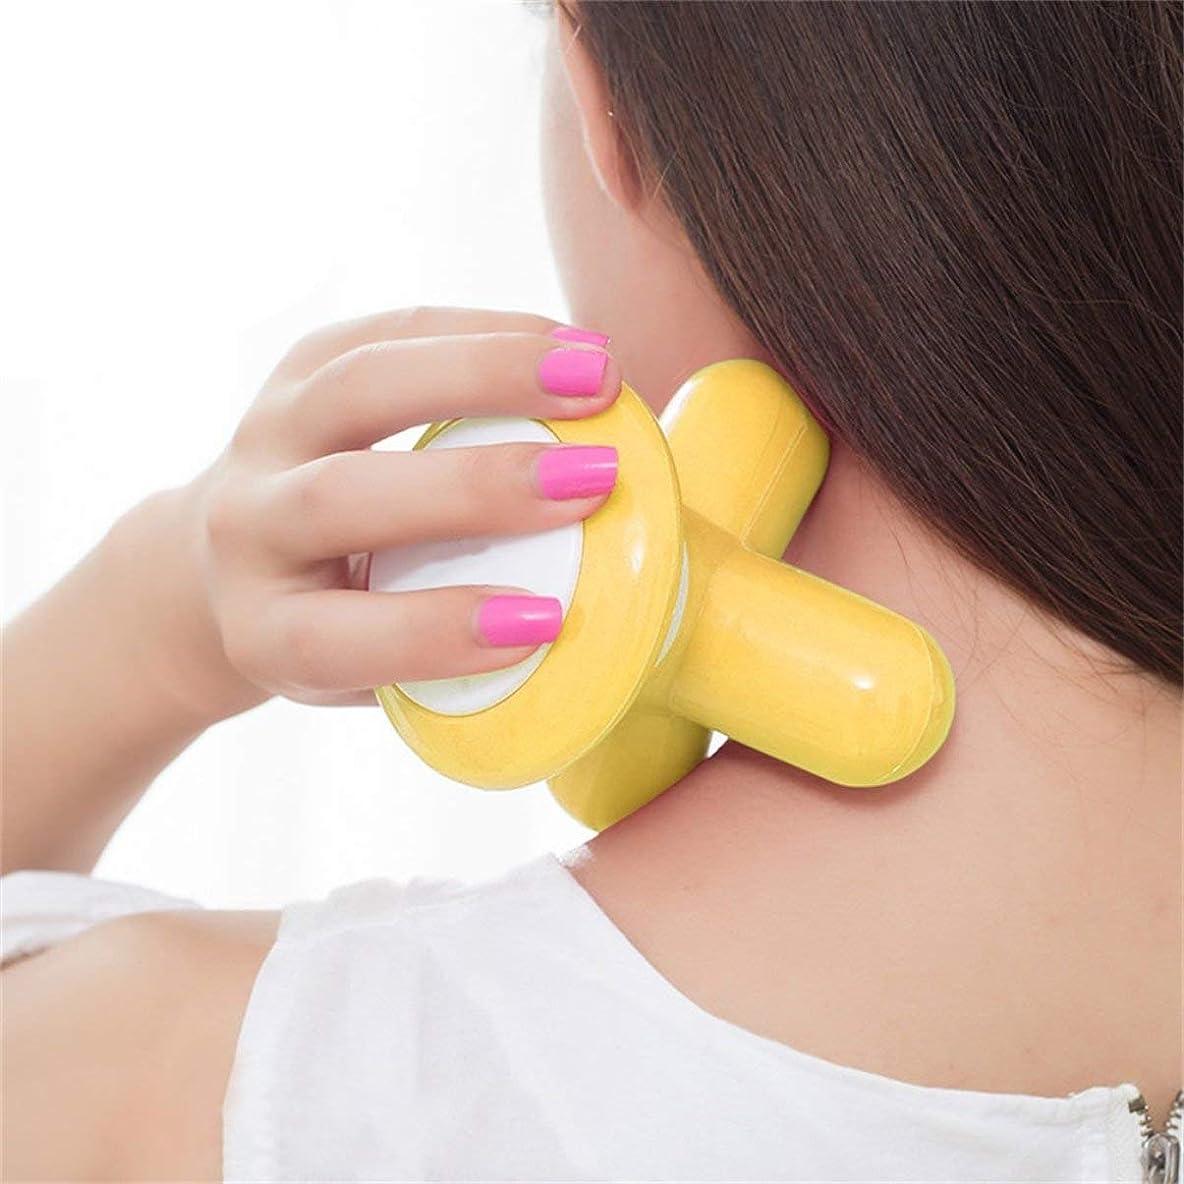 ぴったり神経衰弱コンプリートMini Electric Handled Wave Vibrating Massager USB Battery Full Body Massage Ultra-compact Lightweight Convenient for Carrying